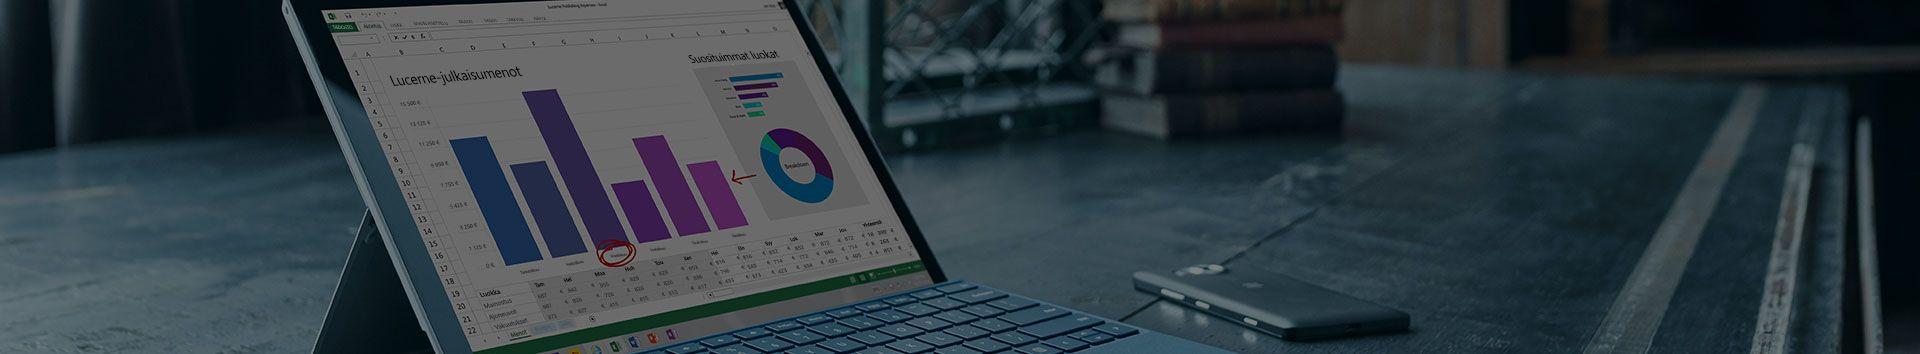 Microsoft Surface -tabletti, jossa näkyy kuluraportti Microsoft Excelin kuvassa